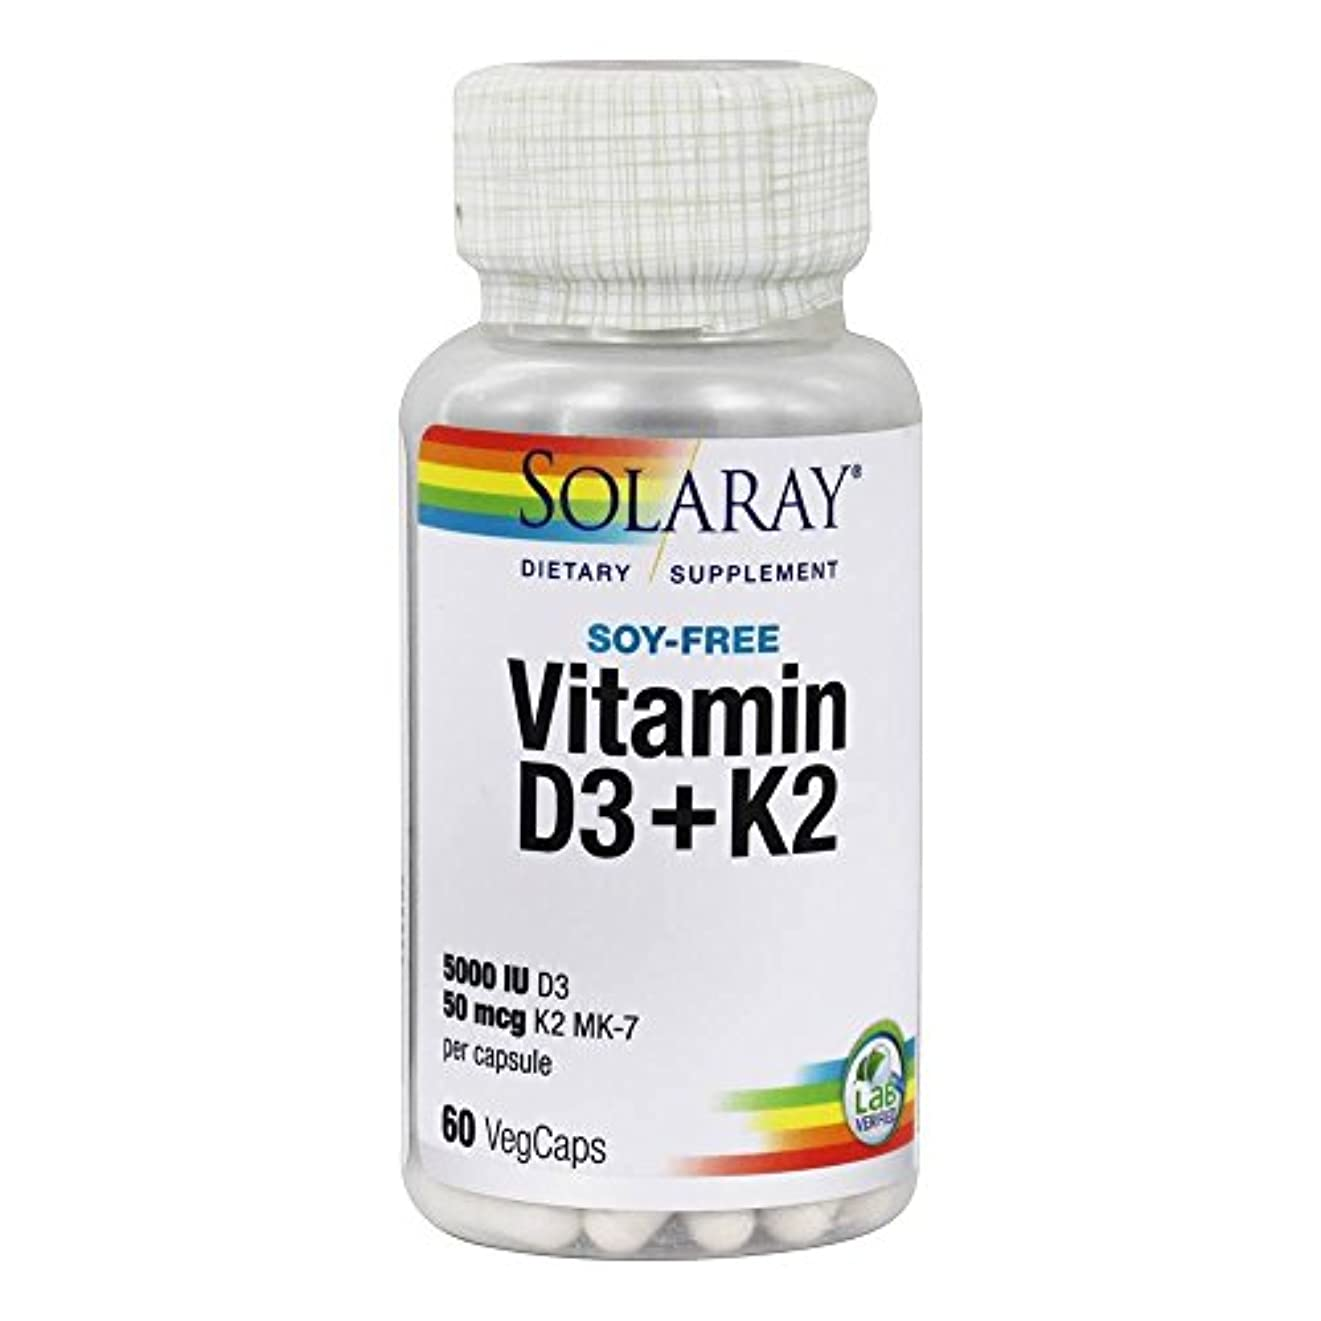 筋肉の最初ジョージスティーブンソンSolaray - ビタミン D3 5000 IU & K2 50 mcg MK7 - 60ベジタリアン用カプセル